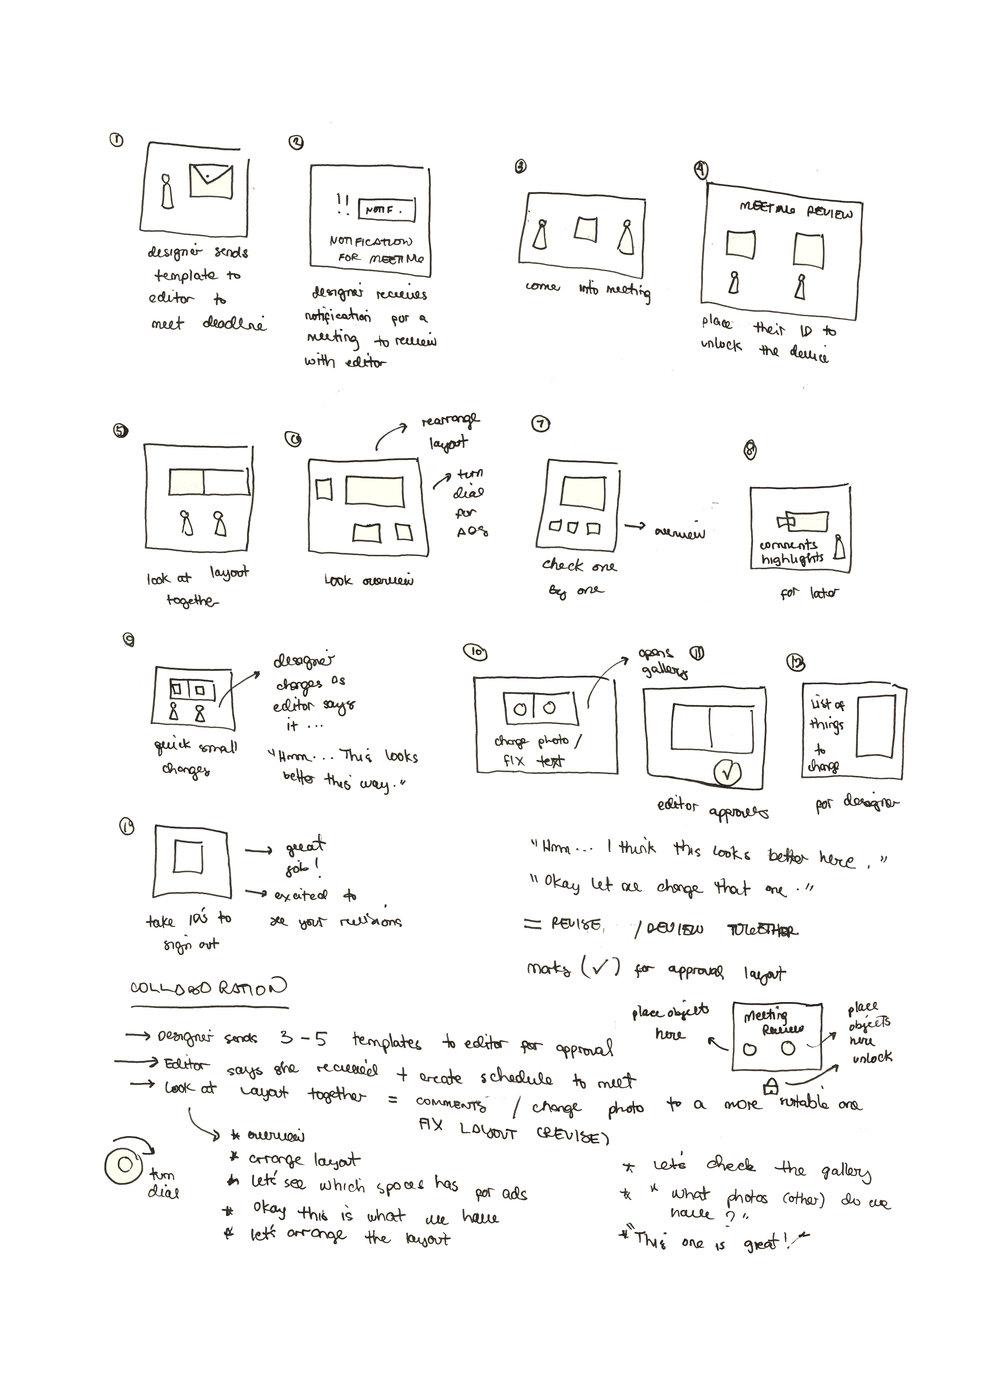 SketchSM.jpg